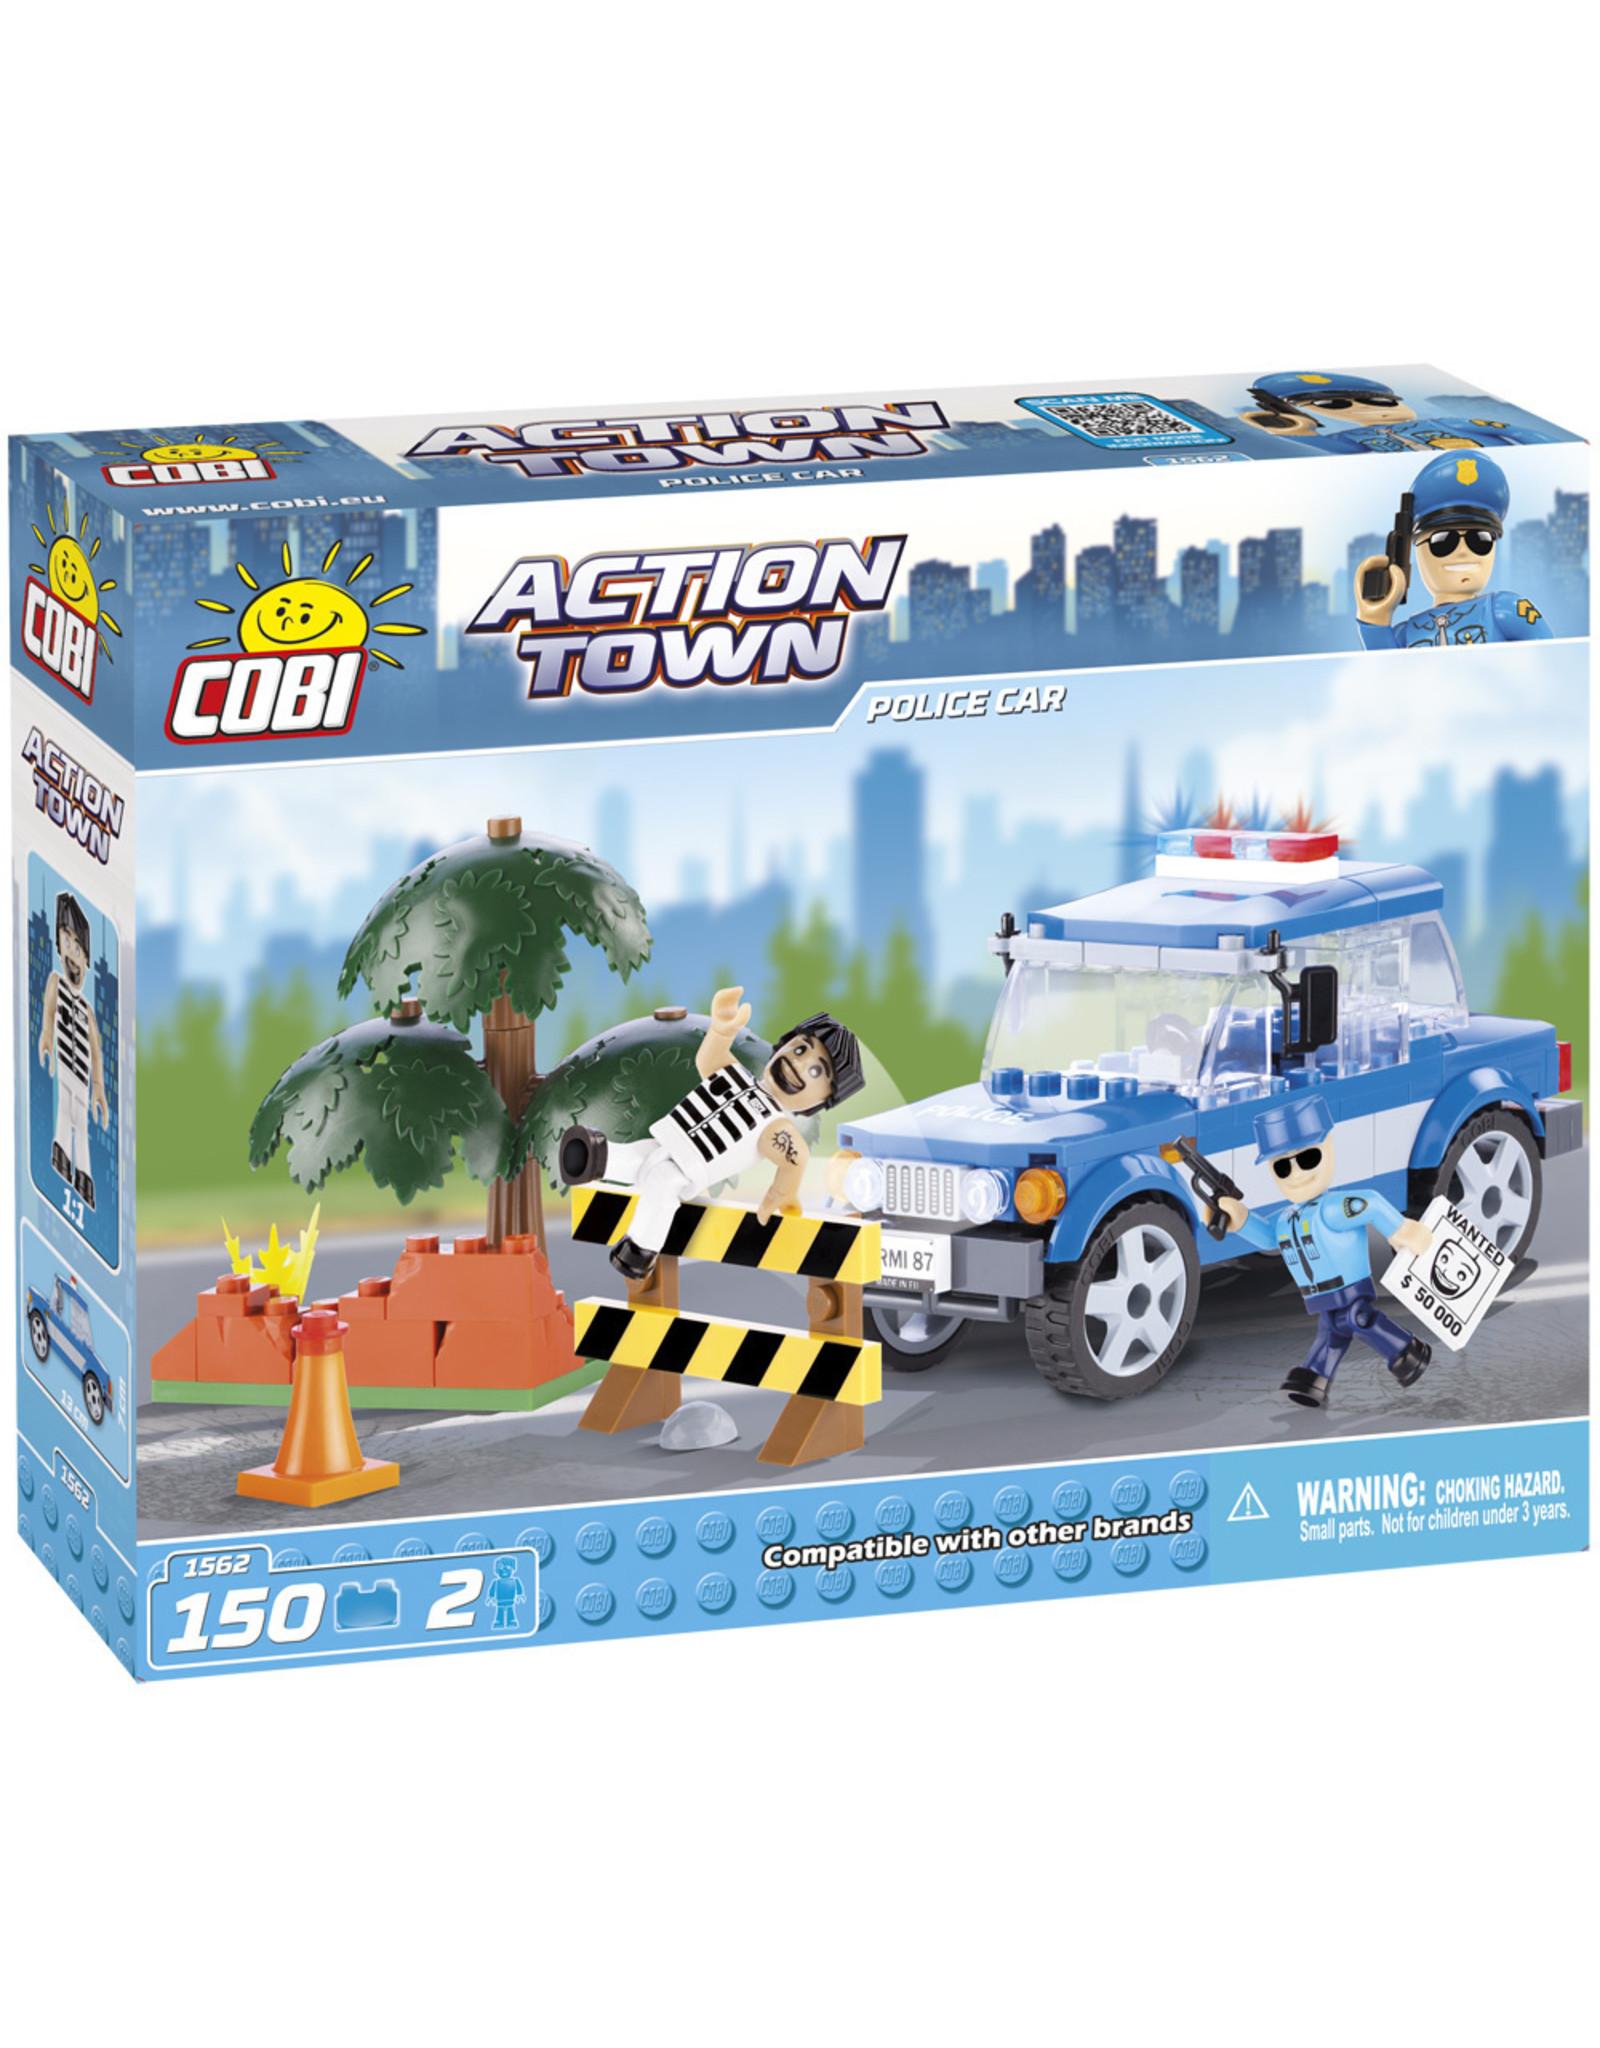 COBI COBI - Action Town 1562 - Police Car